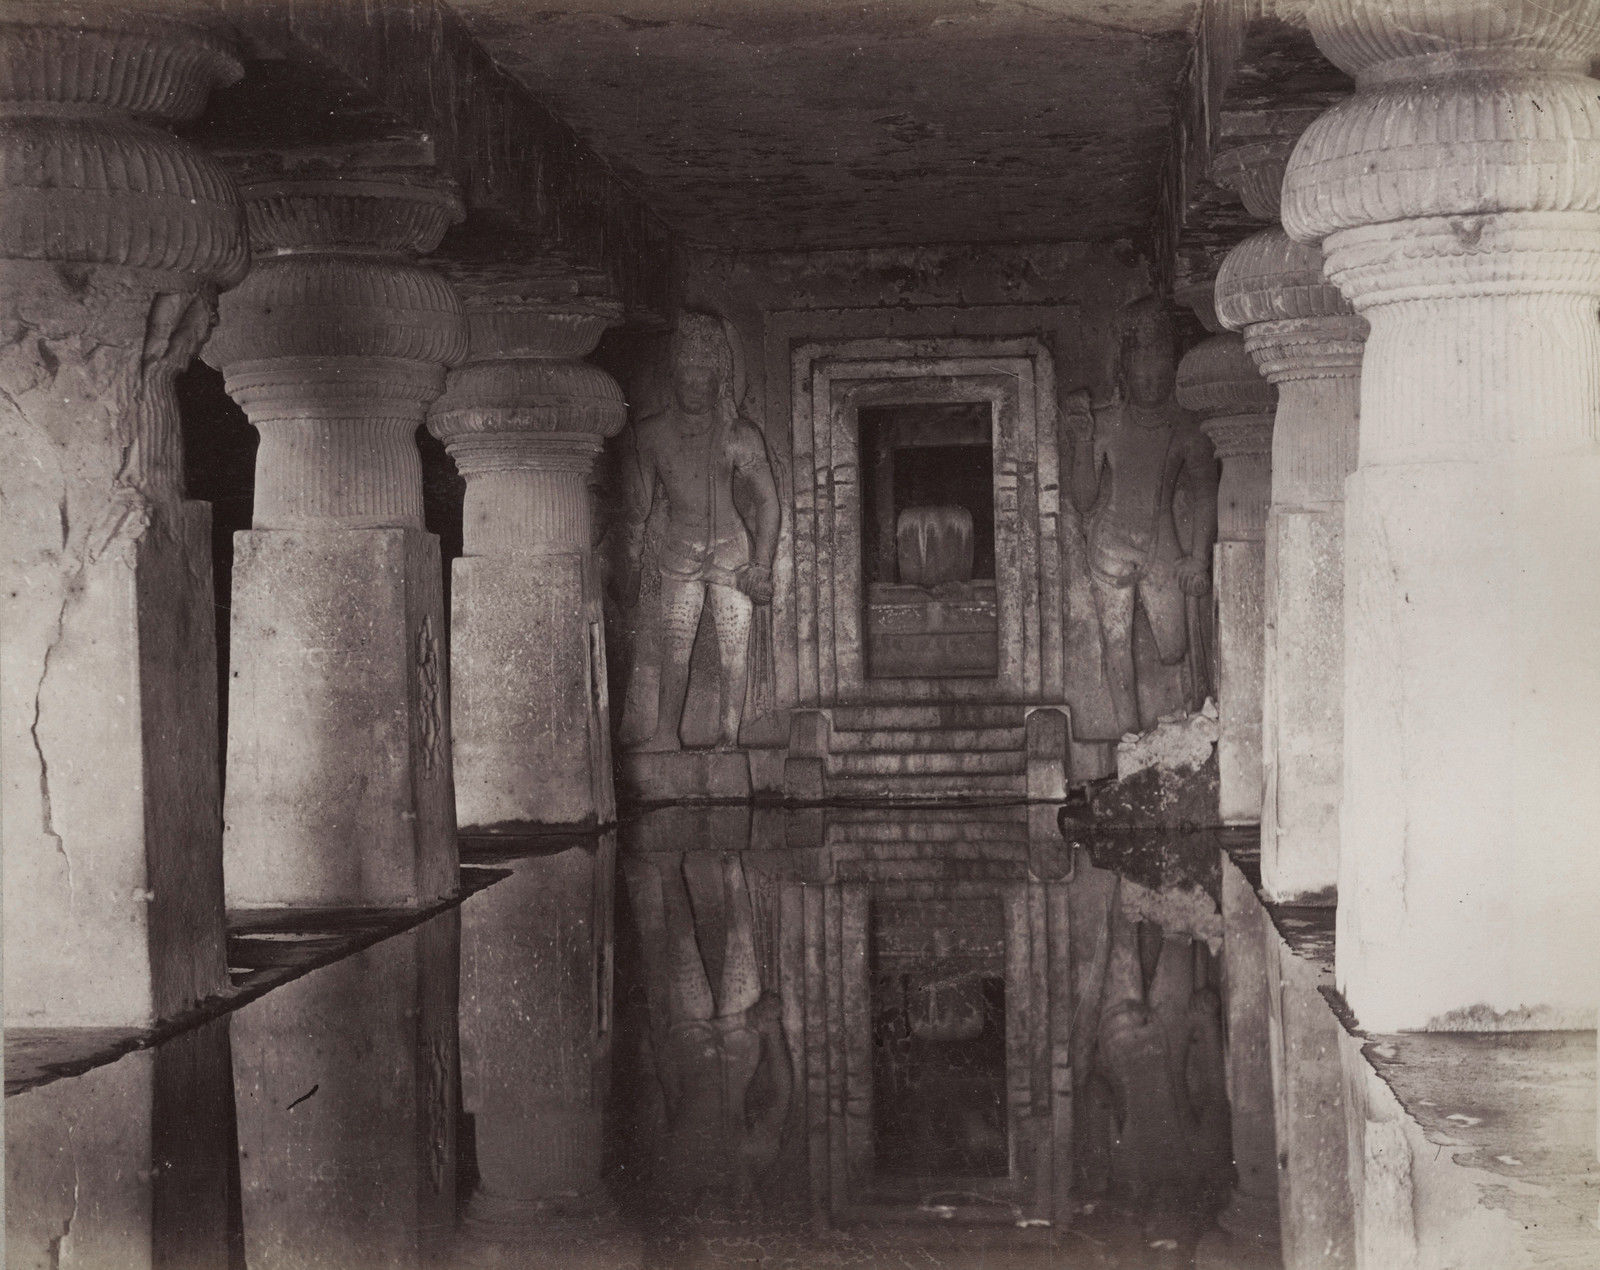 Остров Элефанта. Пещерные храмы. 1880